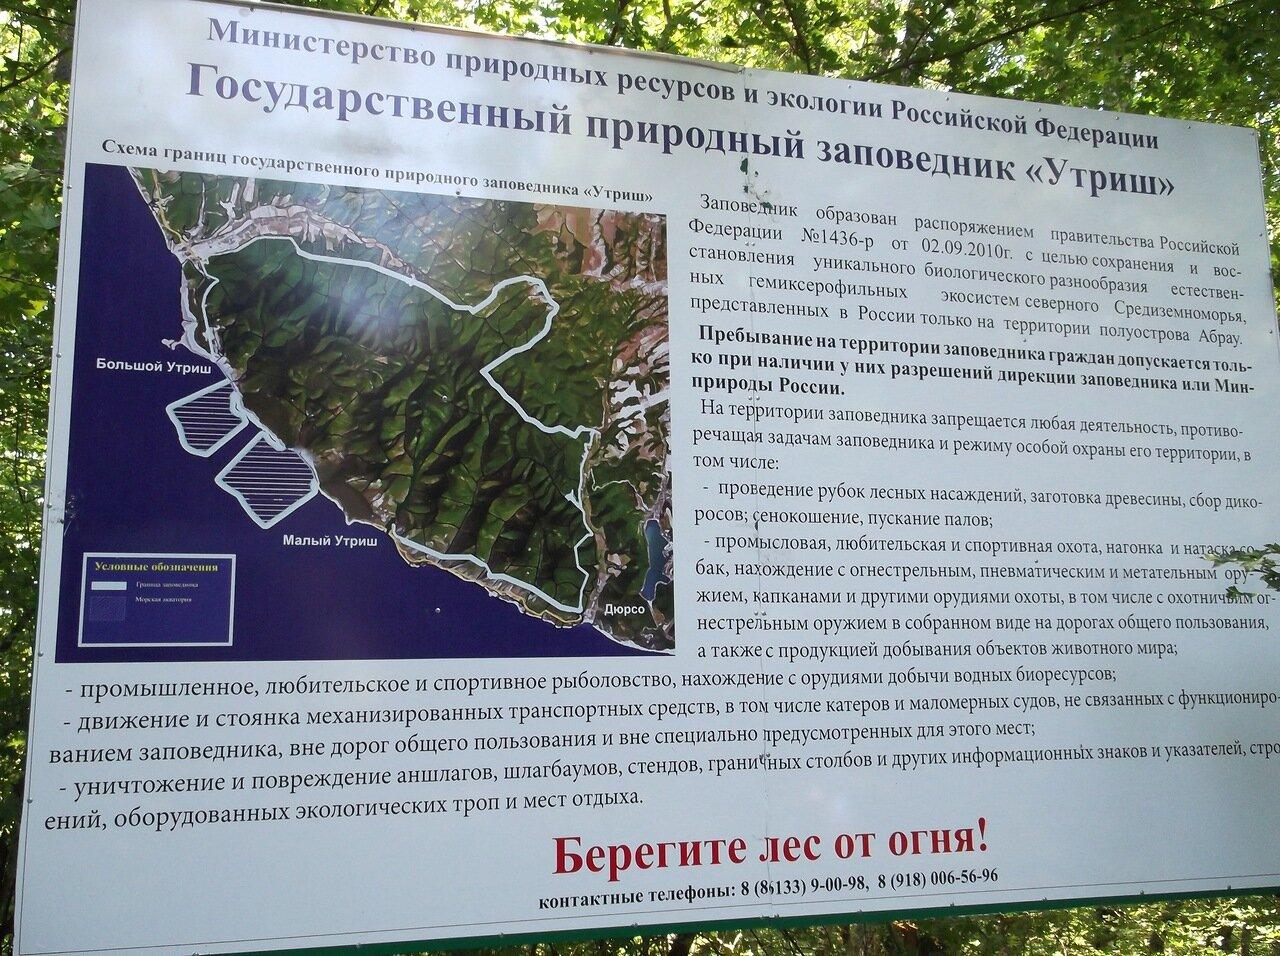 Утриш фото поселка и пляжа карта